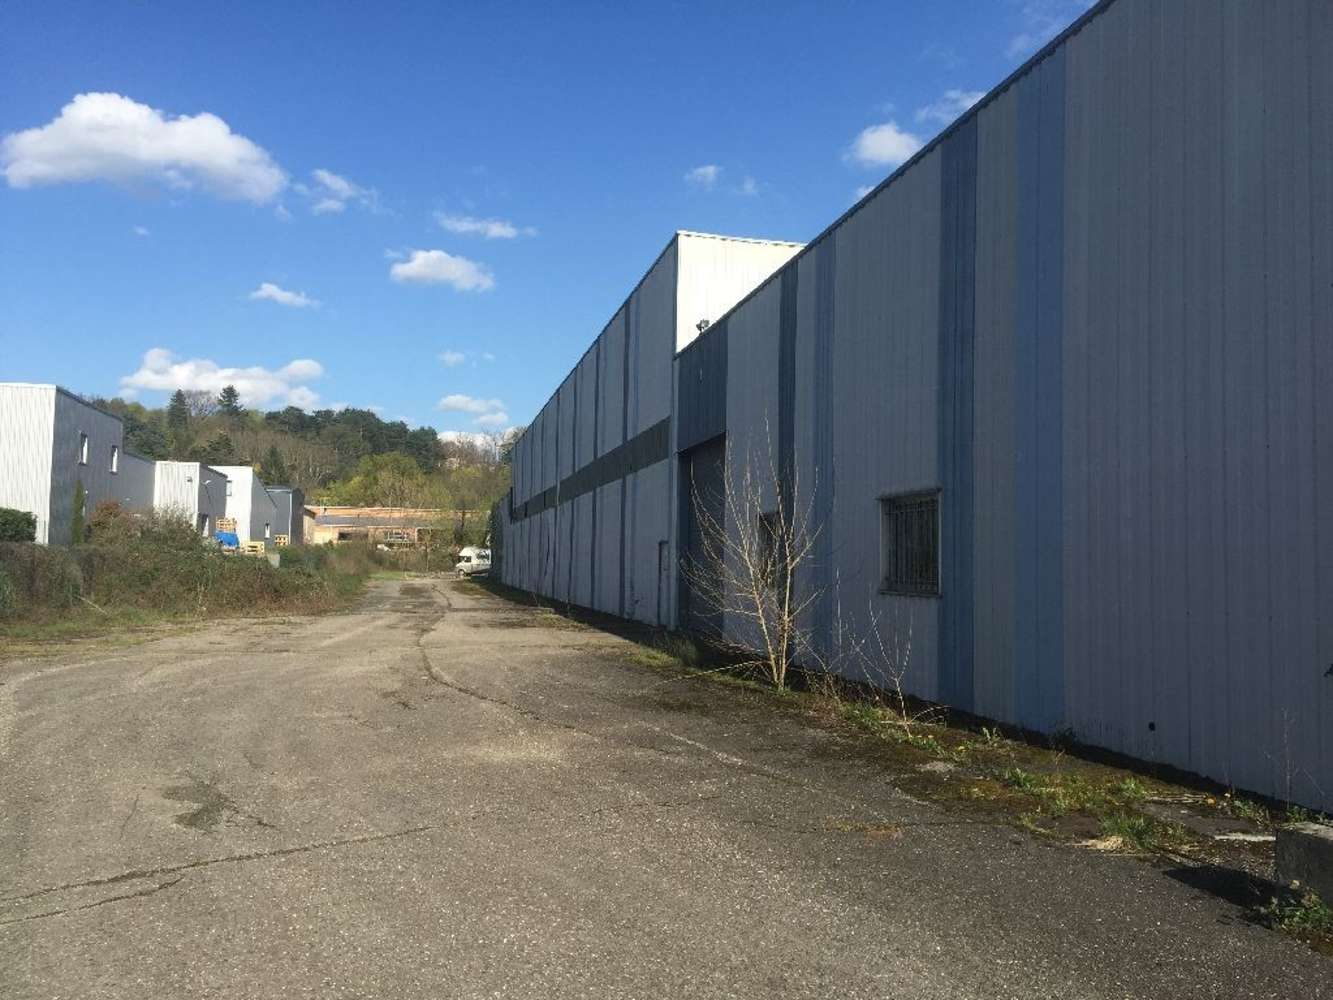 Activités/entrepôt Trevoux, 01600 - Entrepôt à vendre Lyon - Trévoux - 9783770